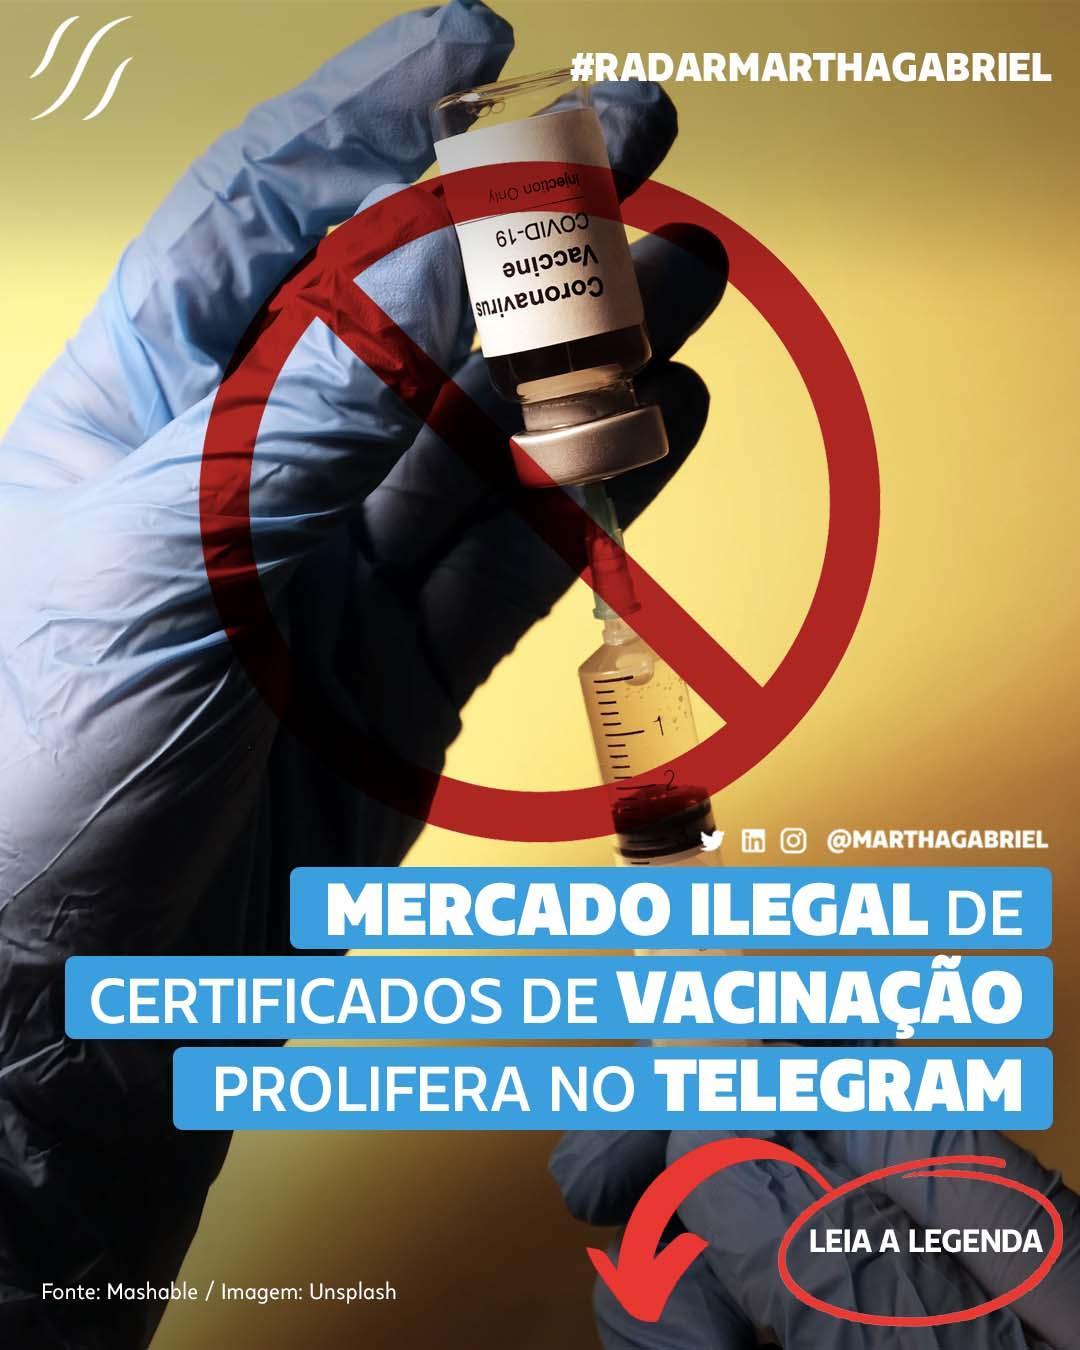 Mercado ilegal de certificados de vacinação prolifera no Telegram